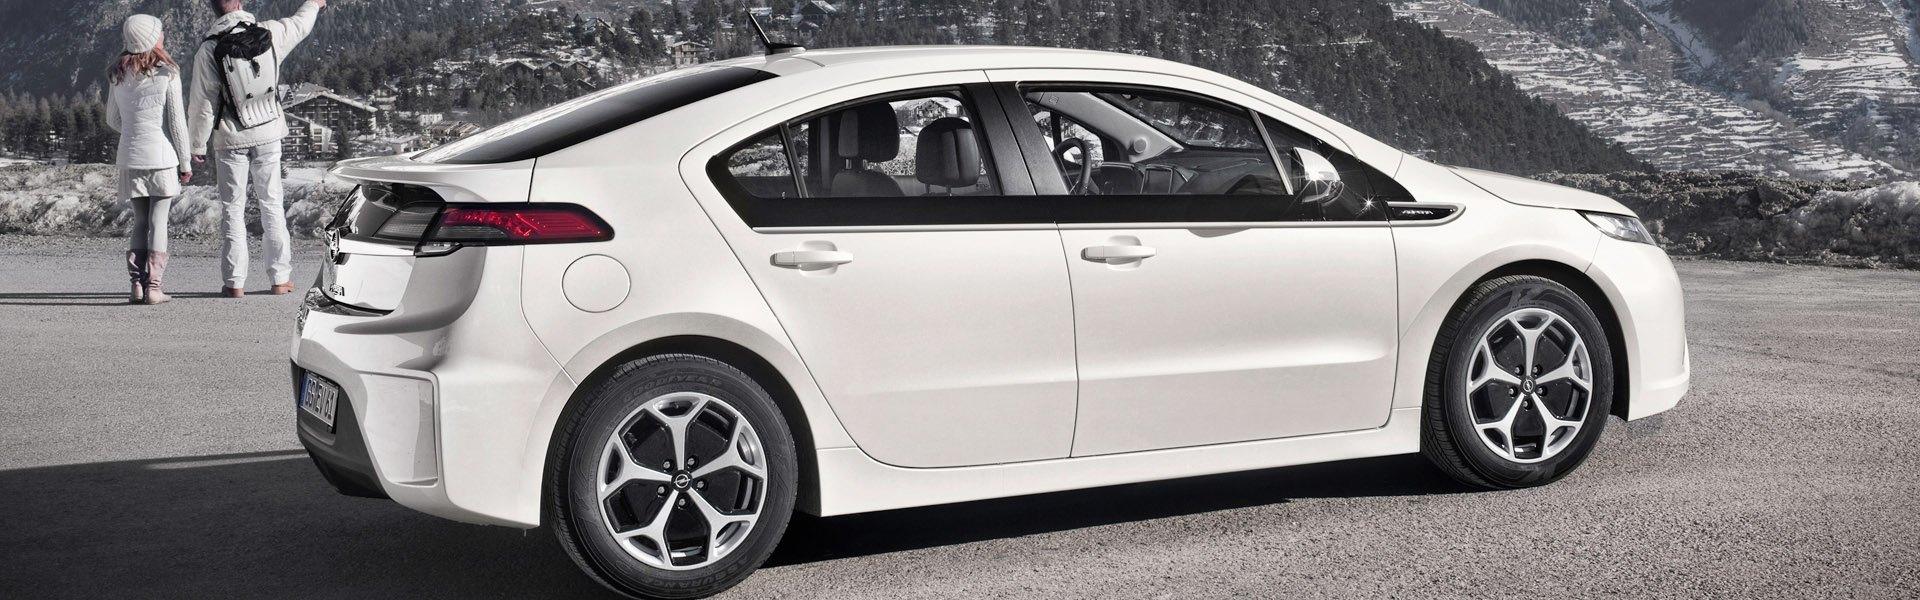 Sneeuwkettingen voor de Opel Ampera